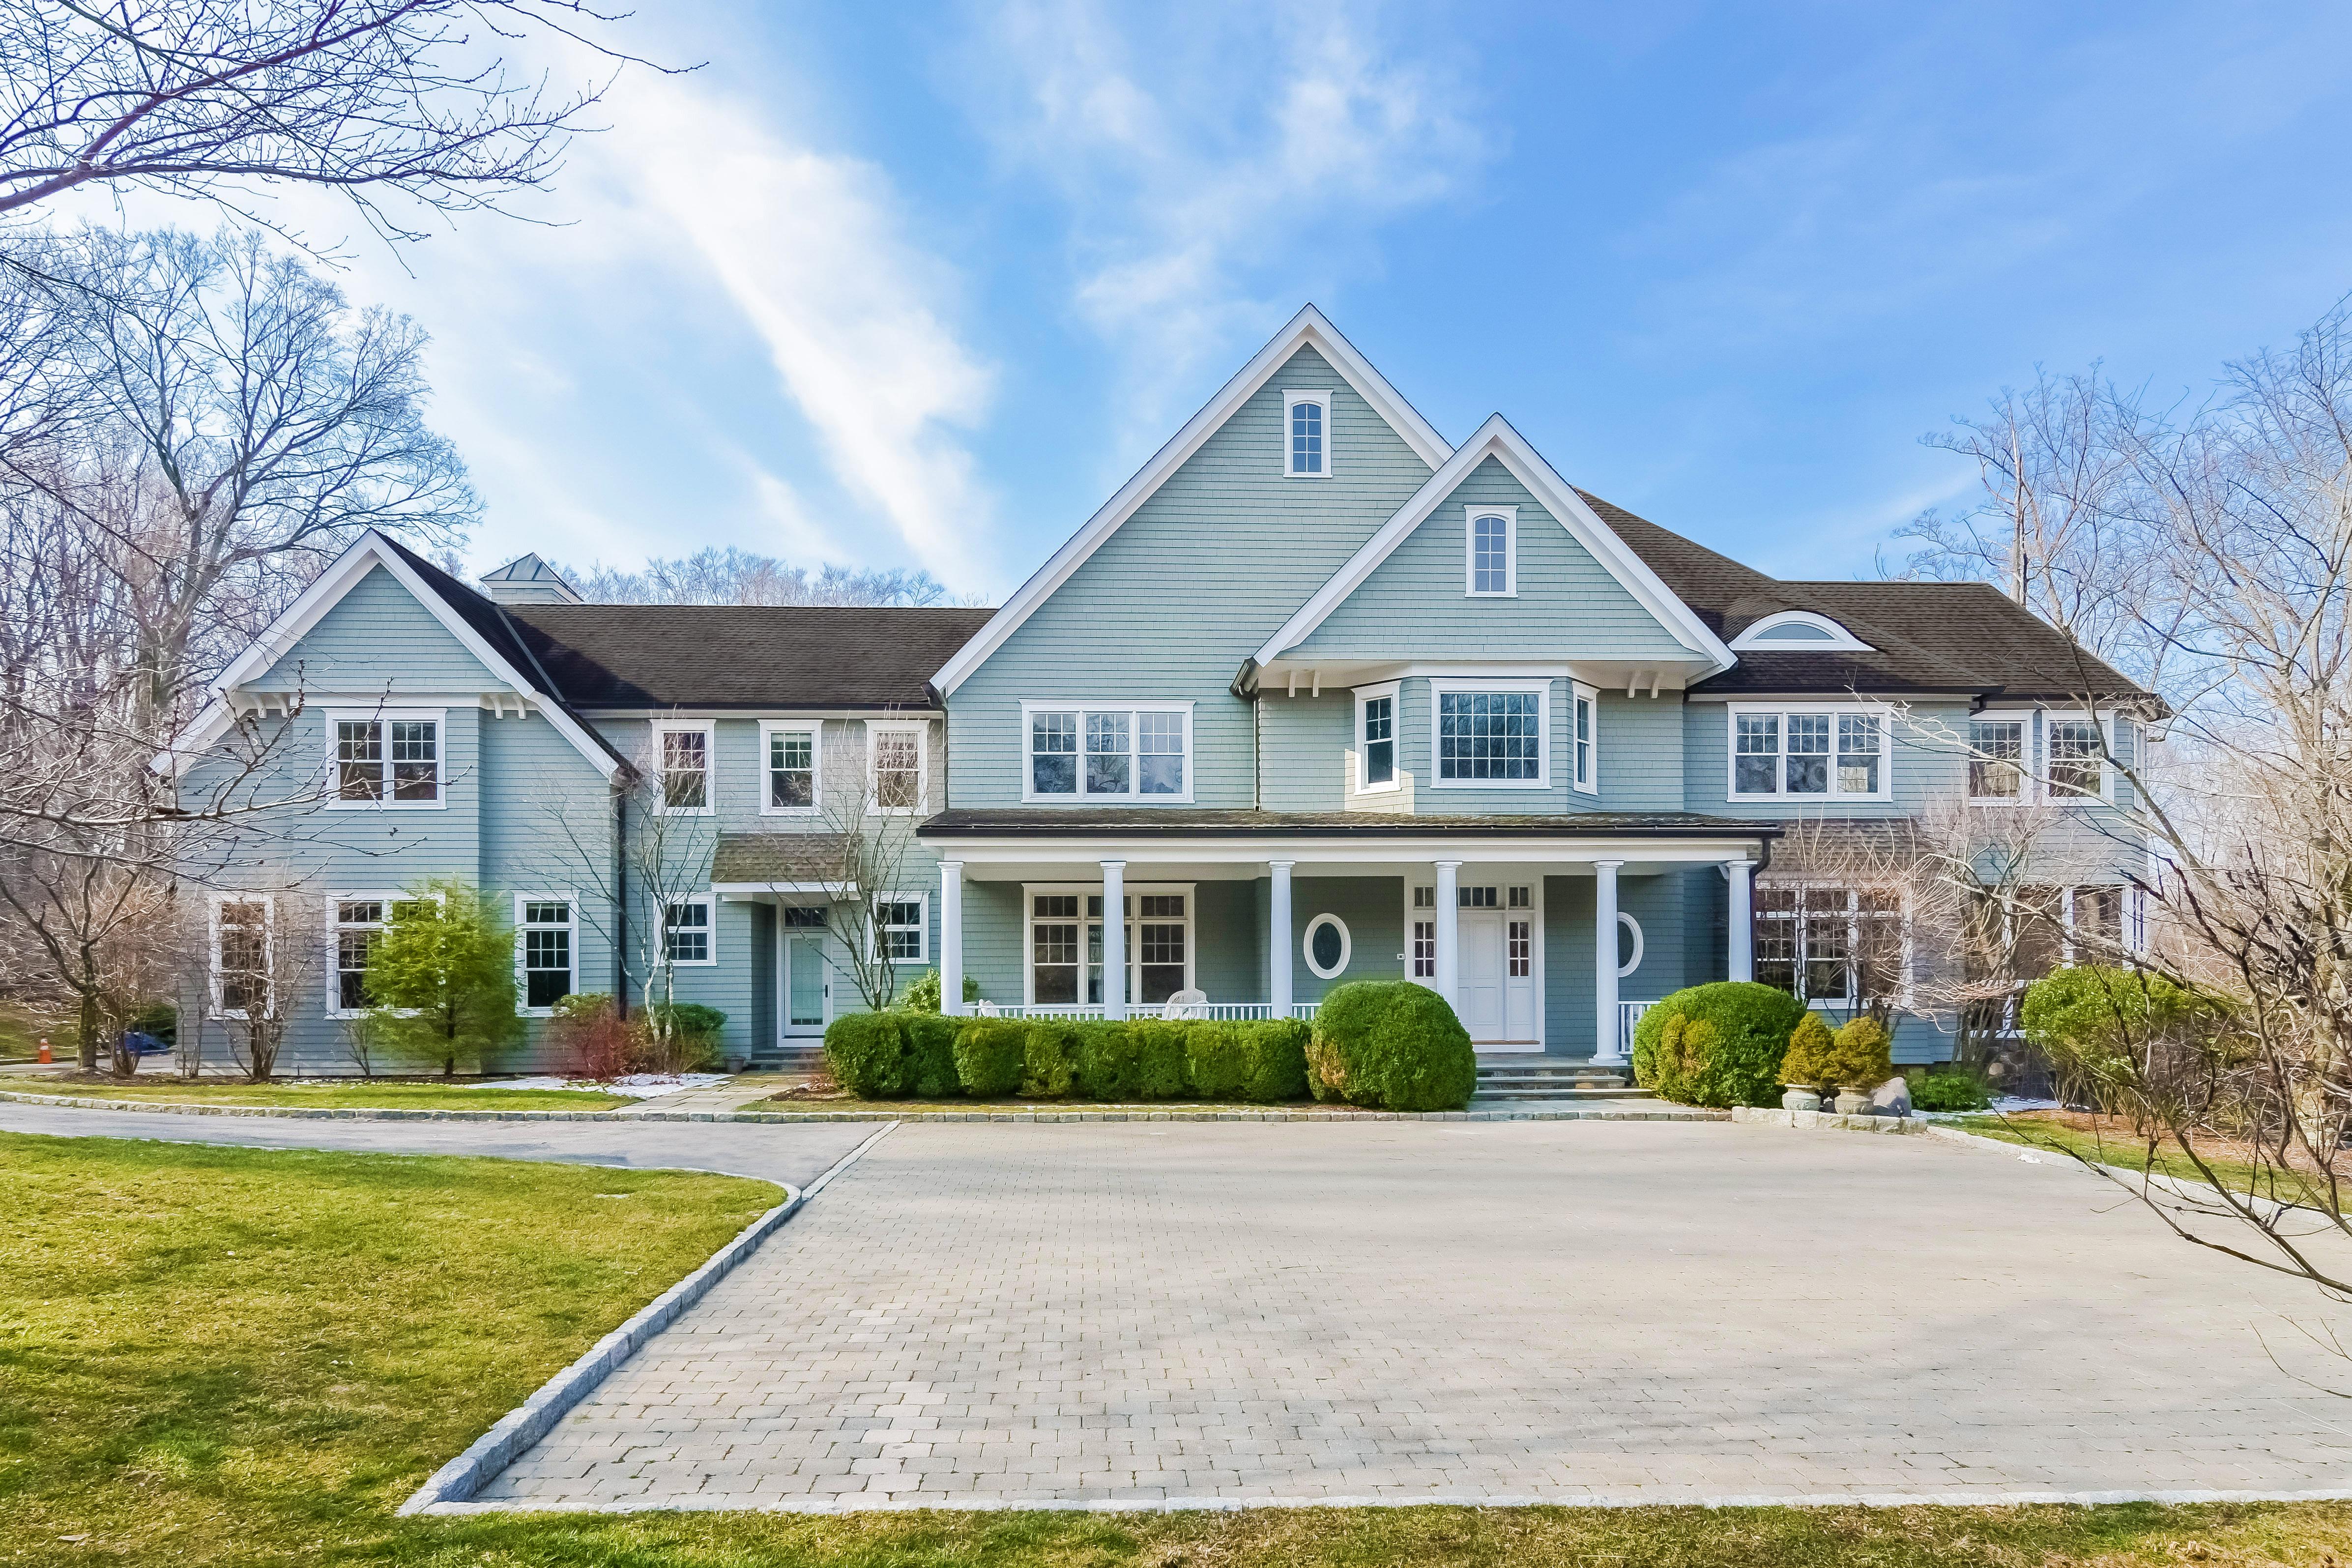 단독 가정 주택 용 매매 에 15 Oak Valley Lane Purchase, 뉴욕, 10577 미국